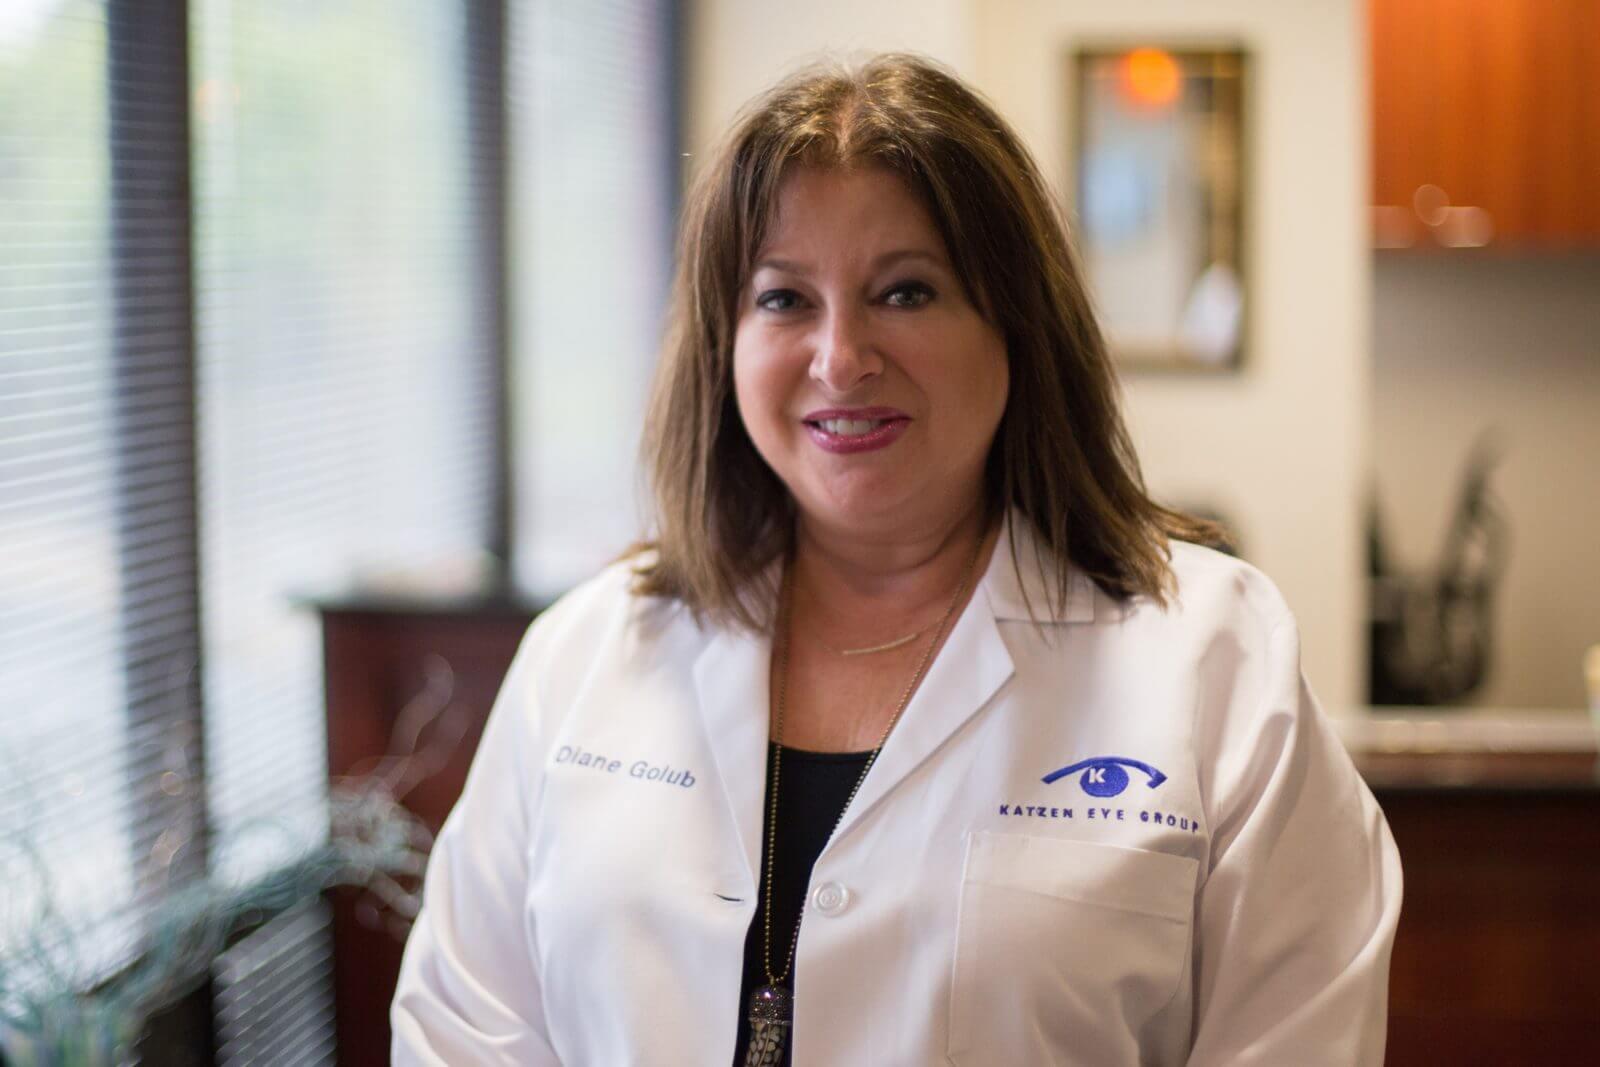 Dr. Diane Golub